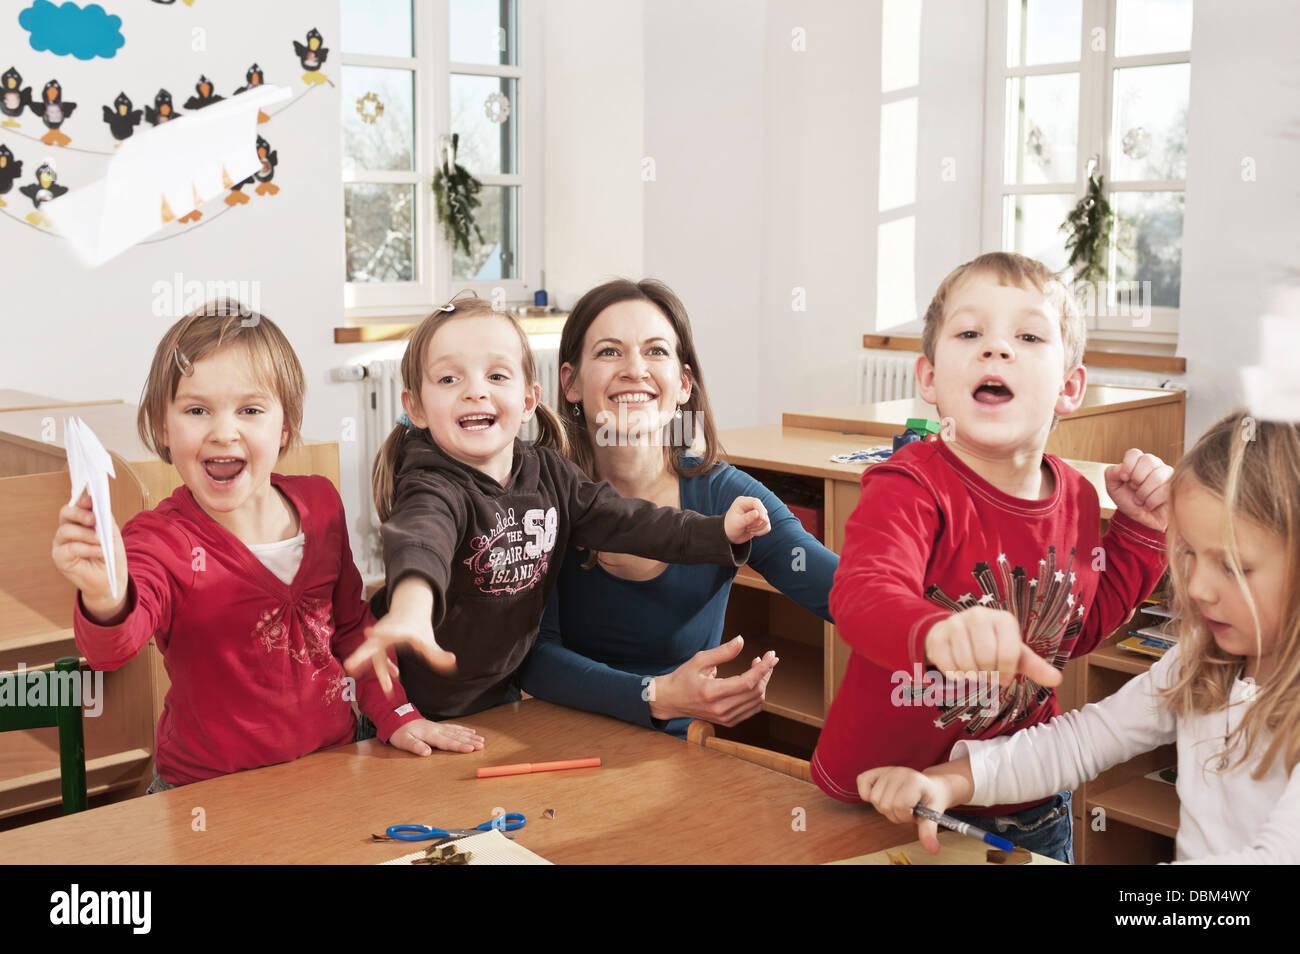 Children In Nursery School Throwing Paper Planes In The Air, Kottgeisering, Bavaria, Germany, Europe - Stock Image